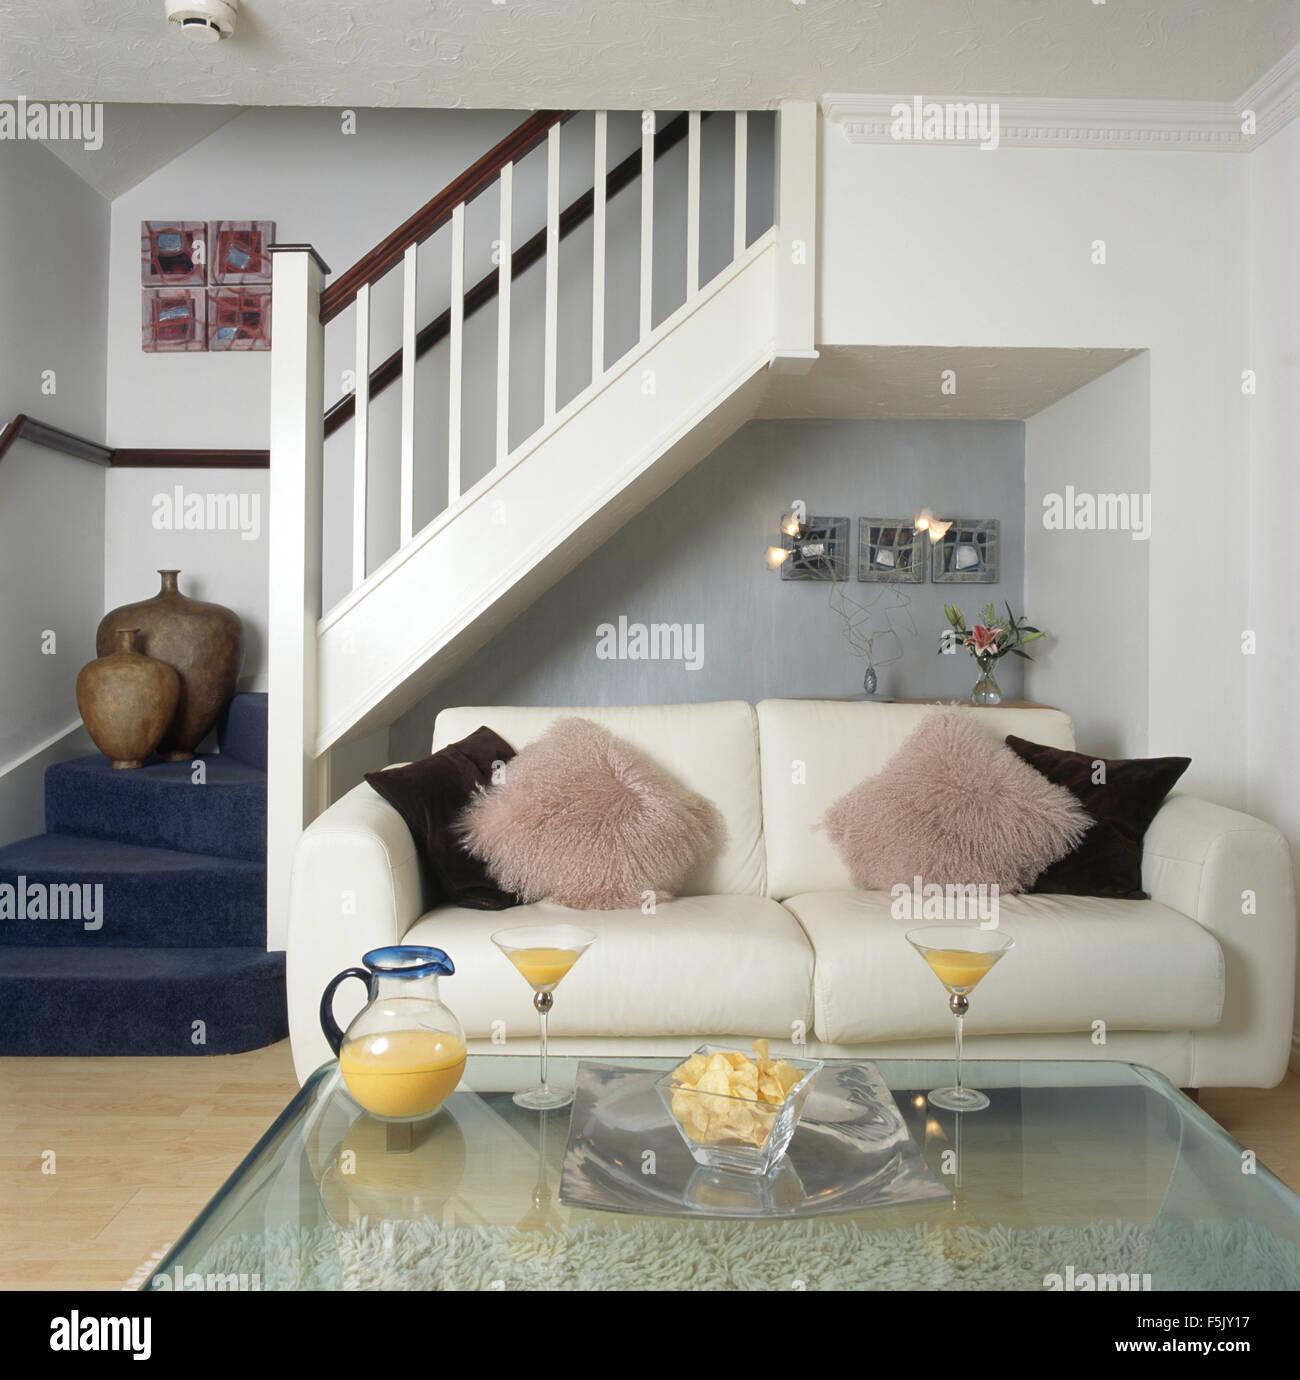 Flauschige Kissen auf weißen Sofa neben Treppe im Wohnzimmer im Stil ...